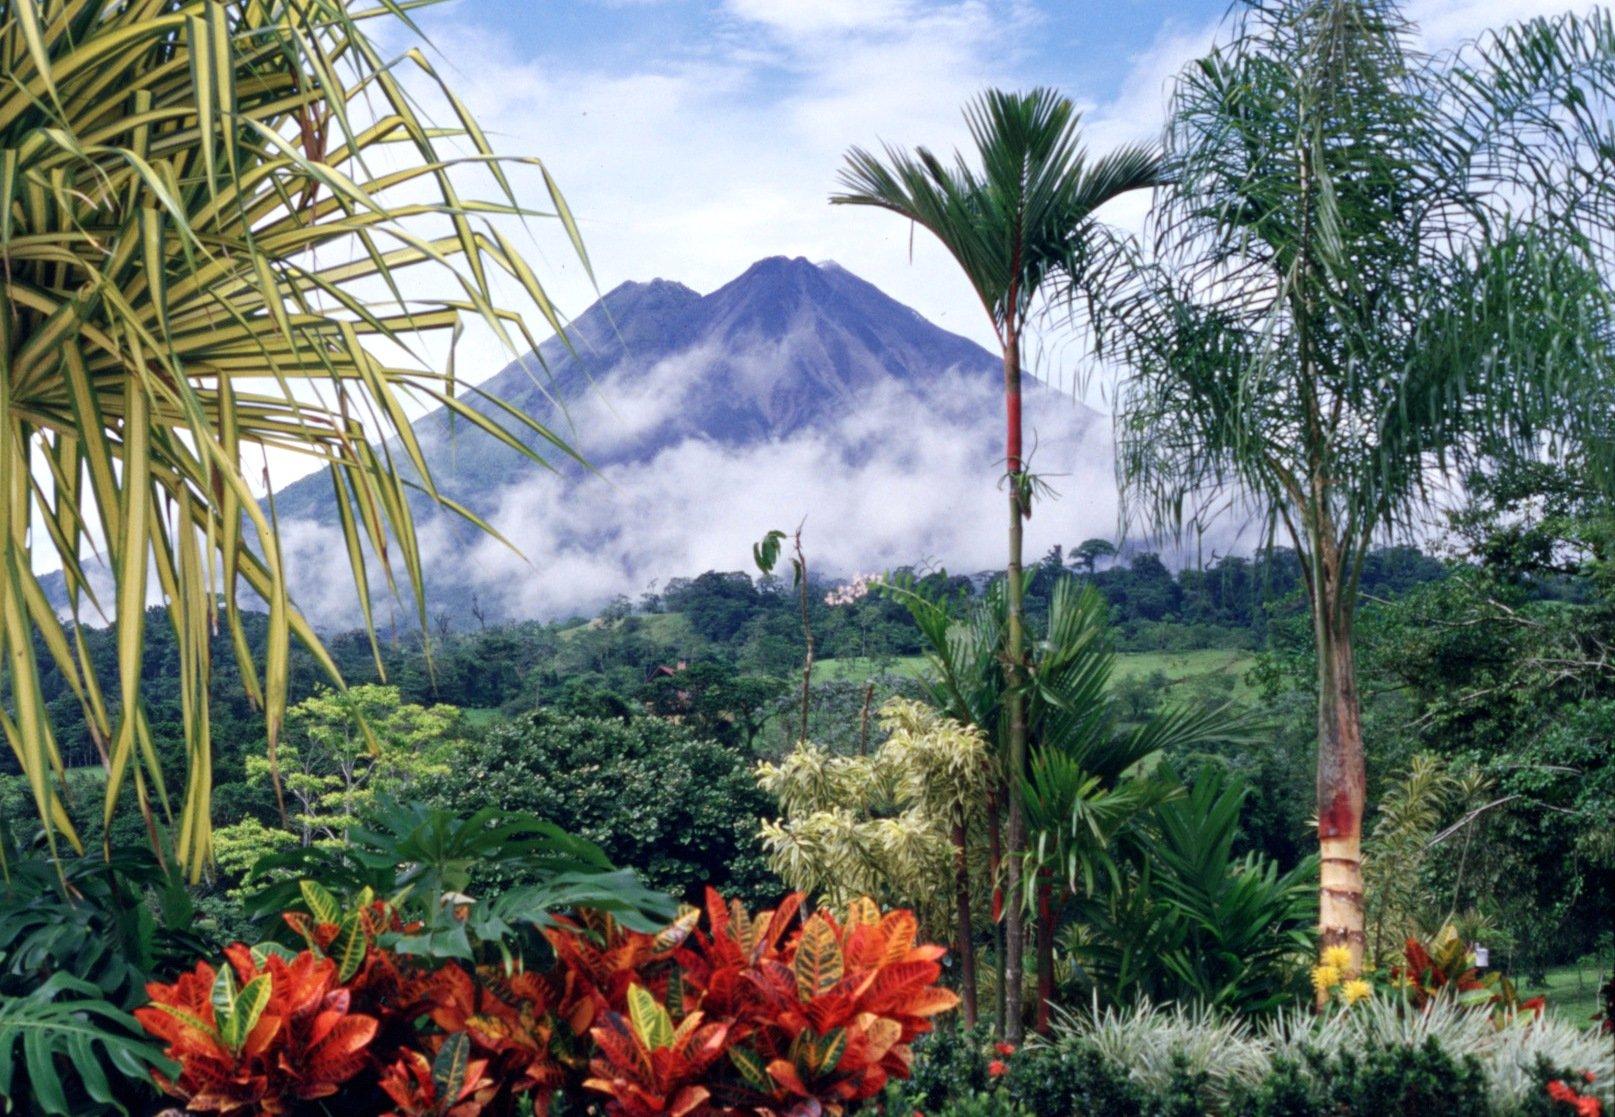 Paesi più green: Costa Rica